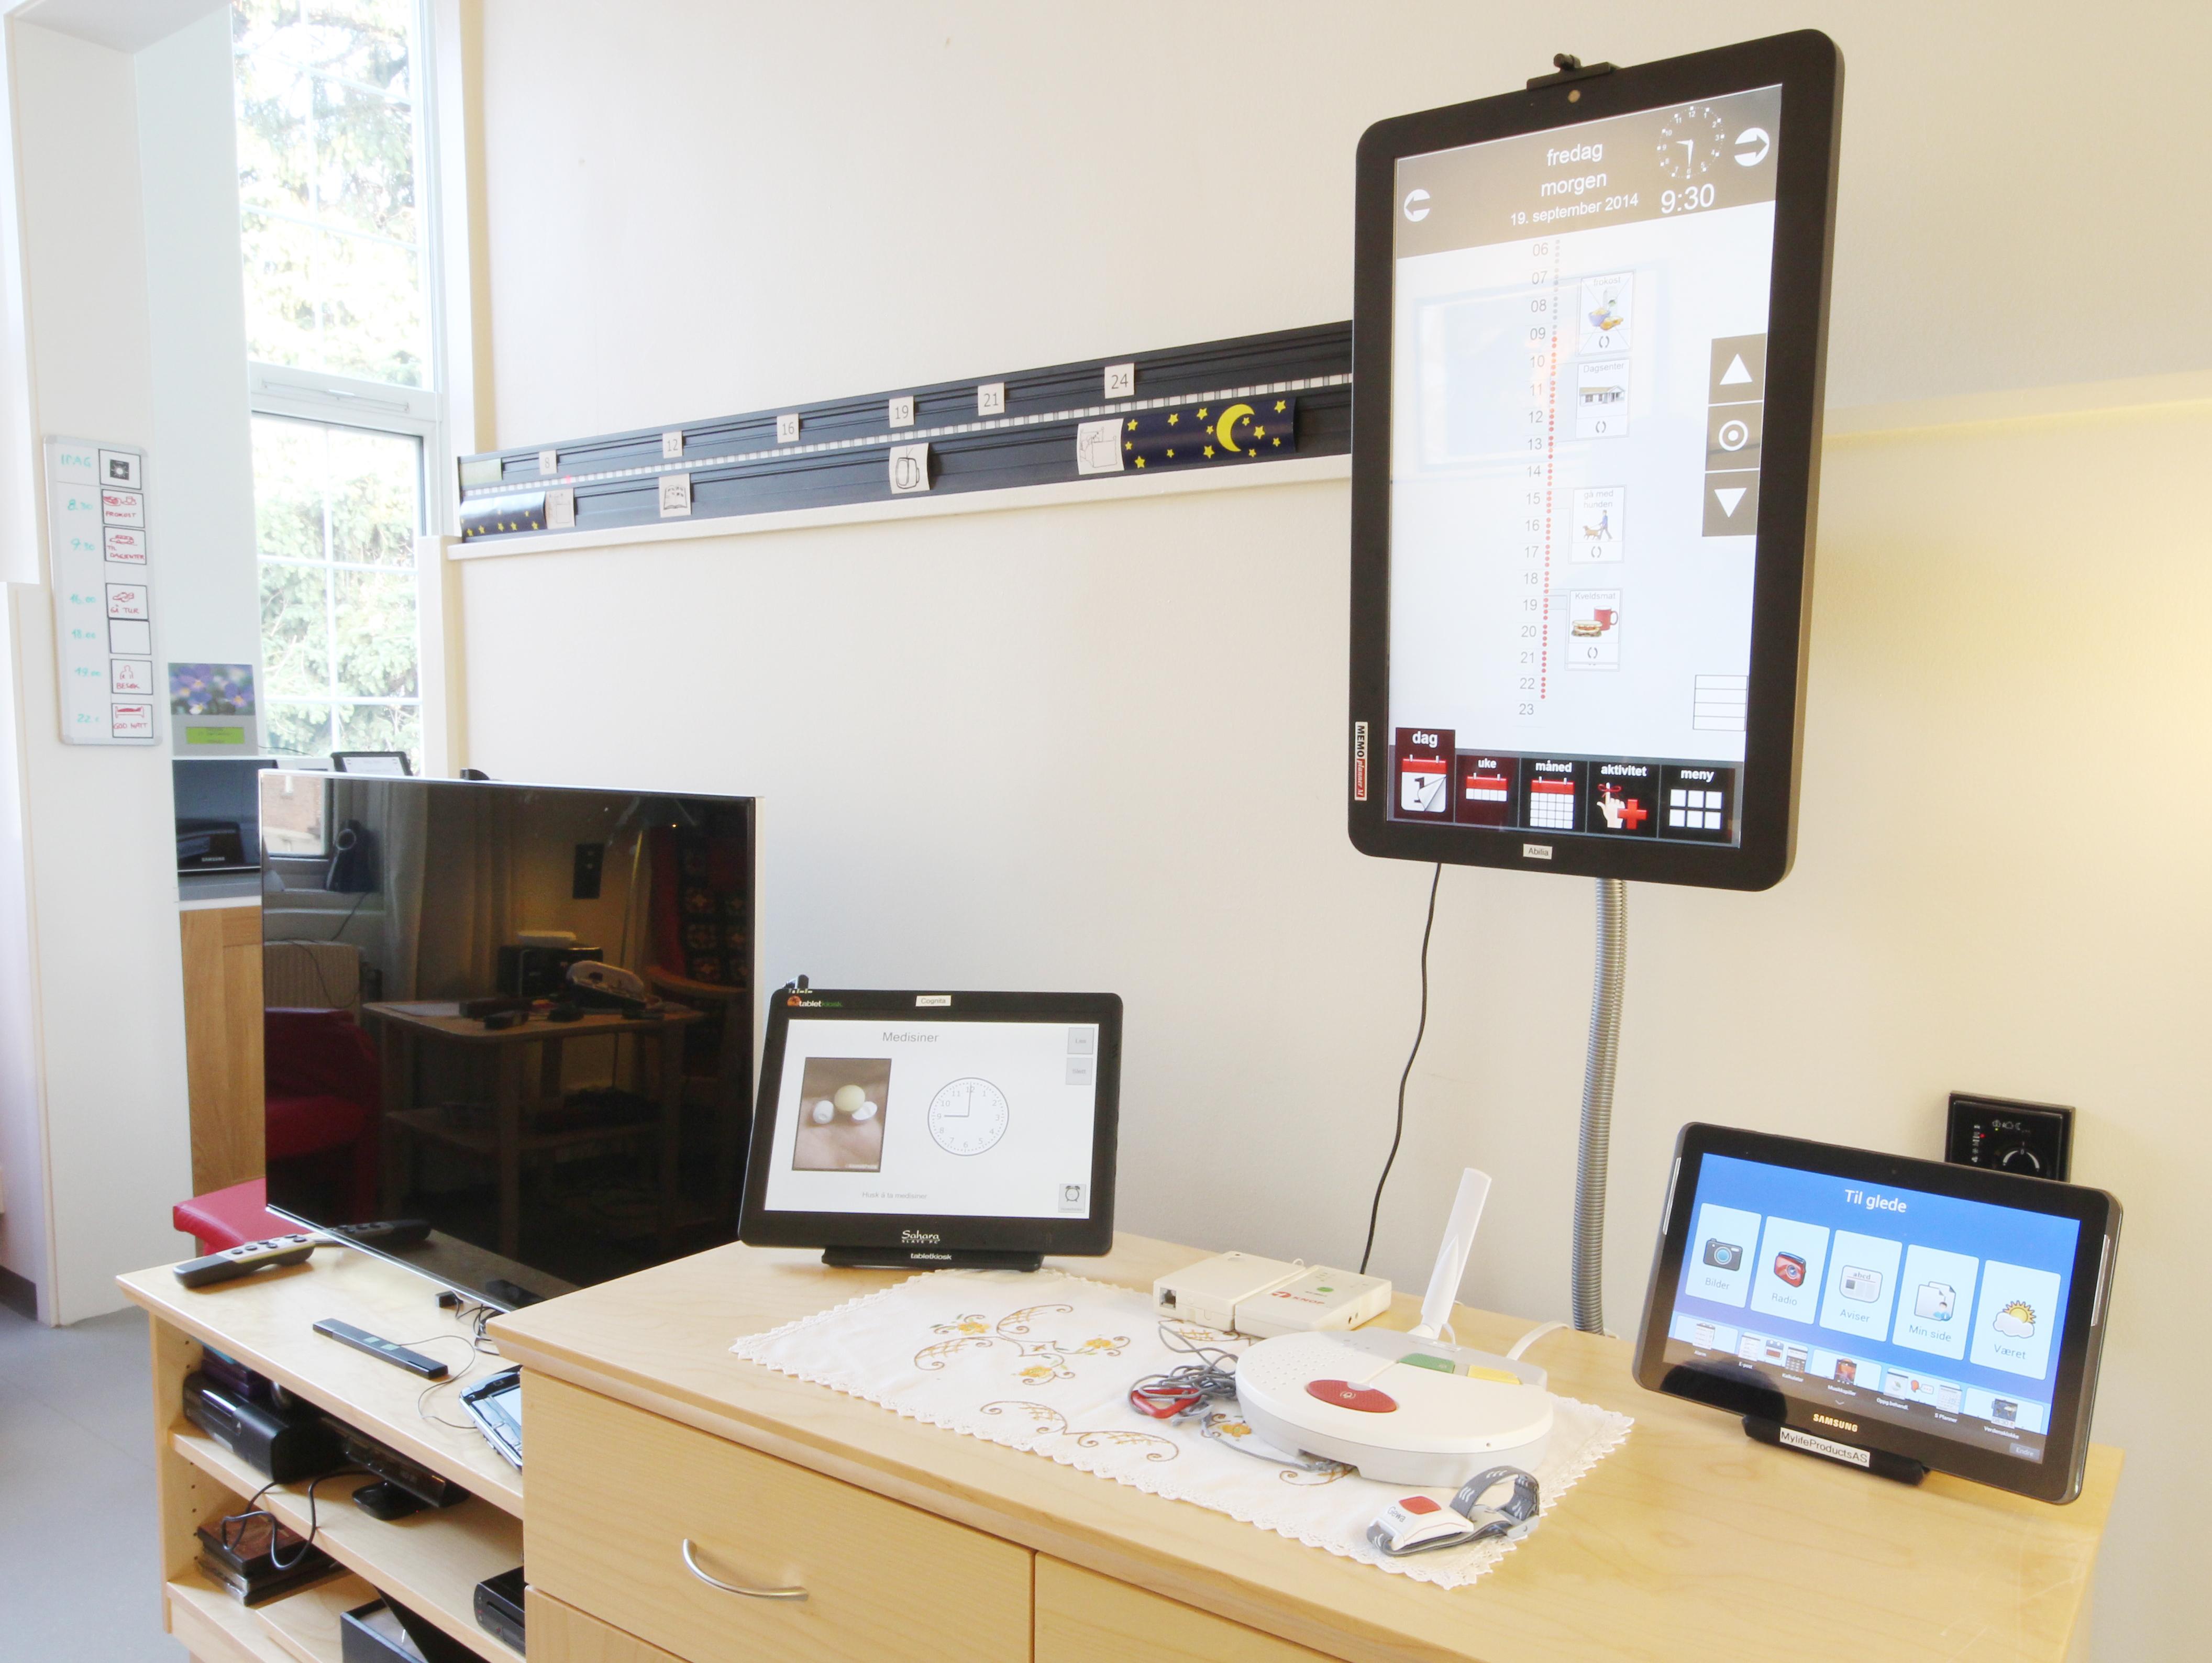 Bilde av div digitale kalendre utstilt på almas hus